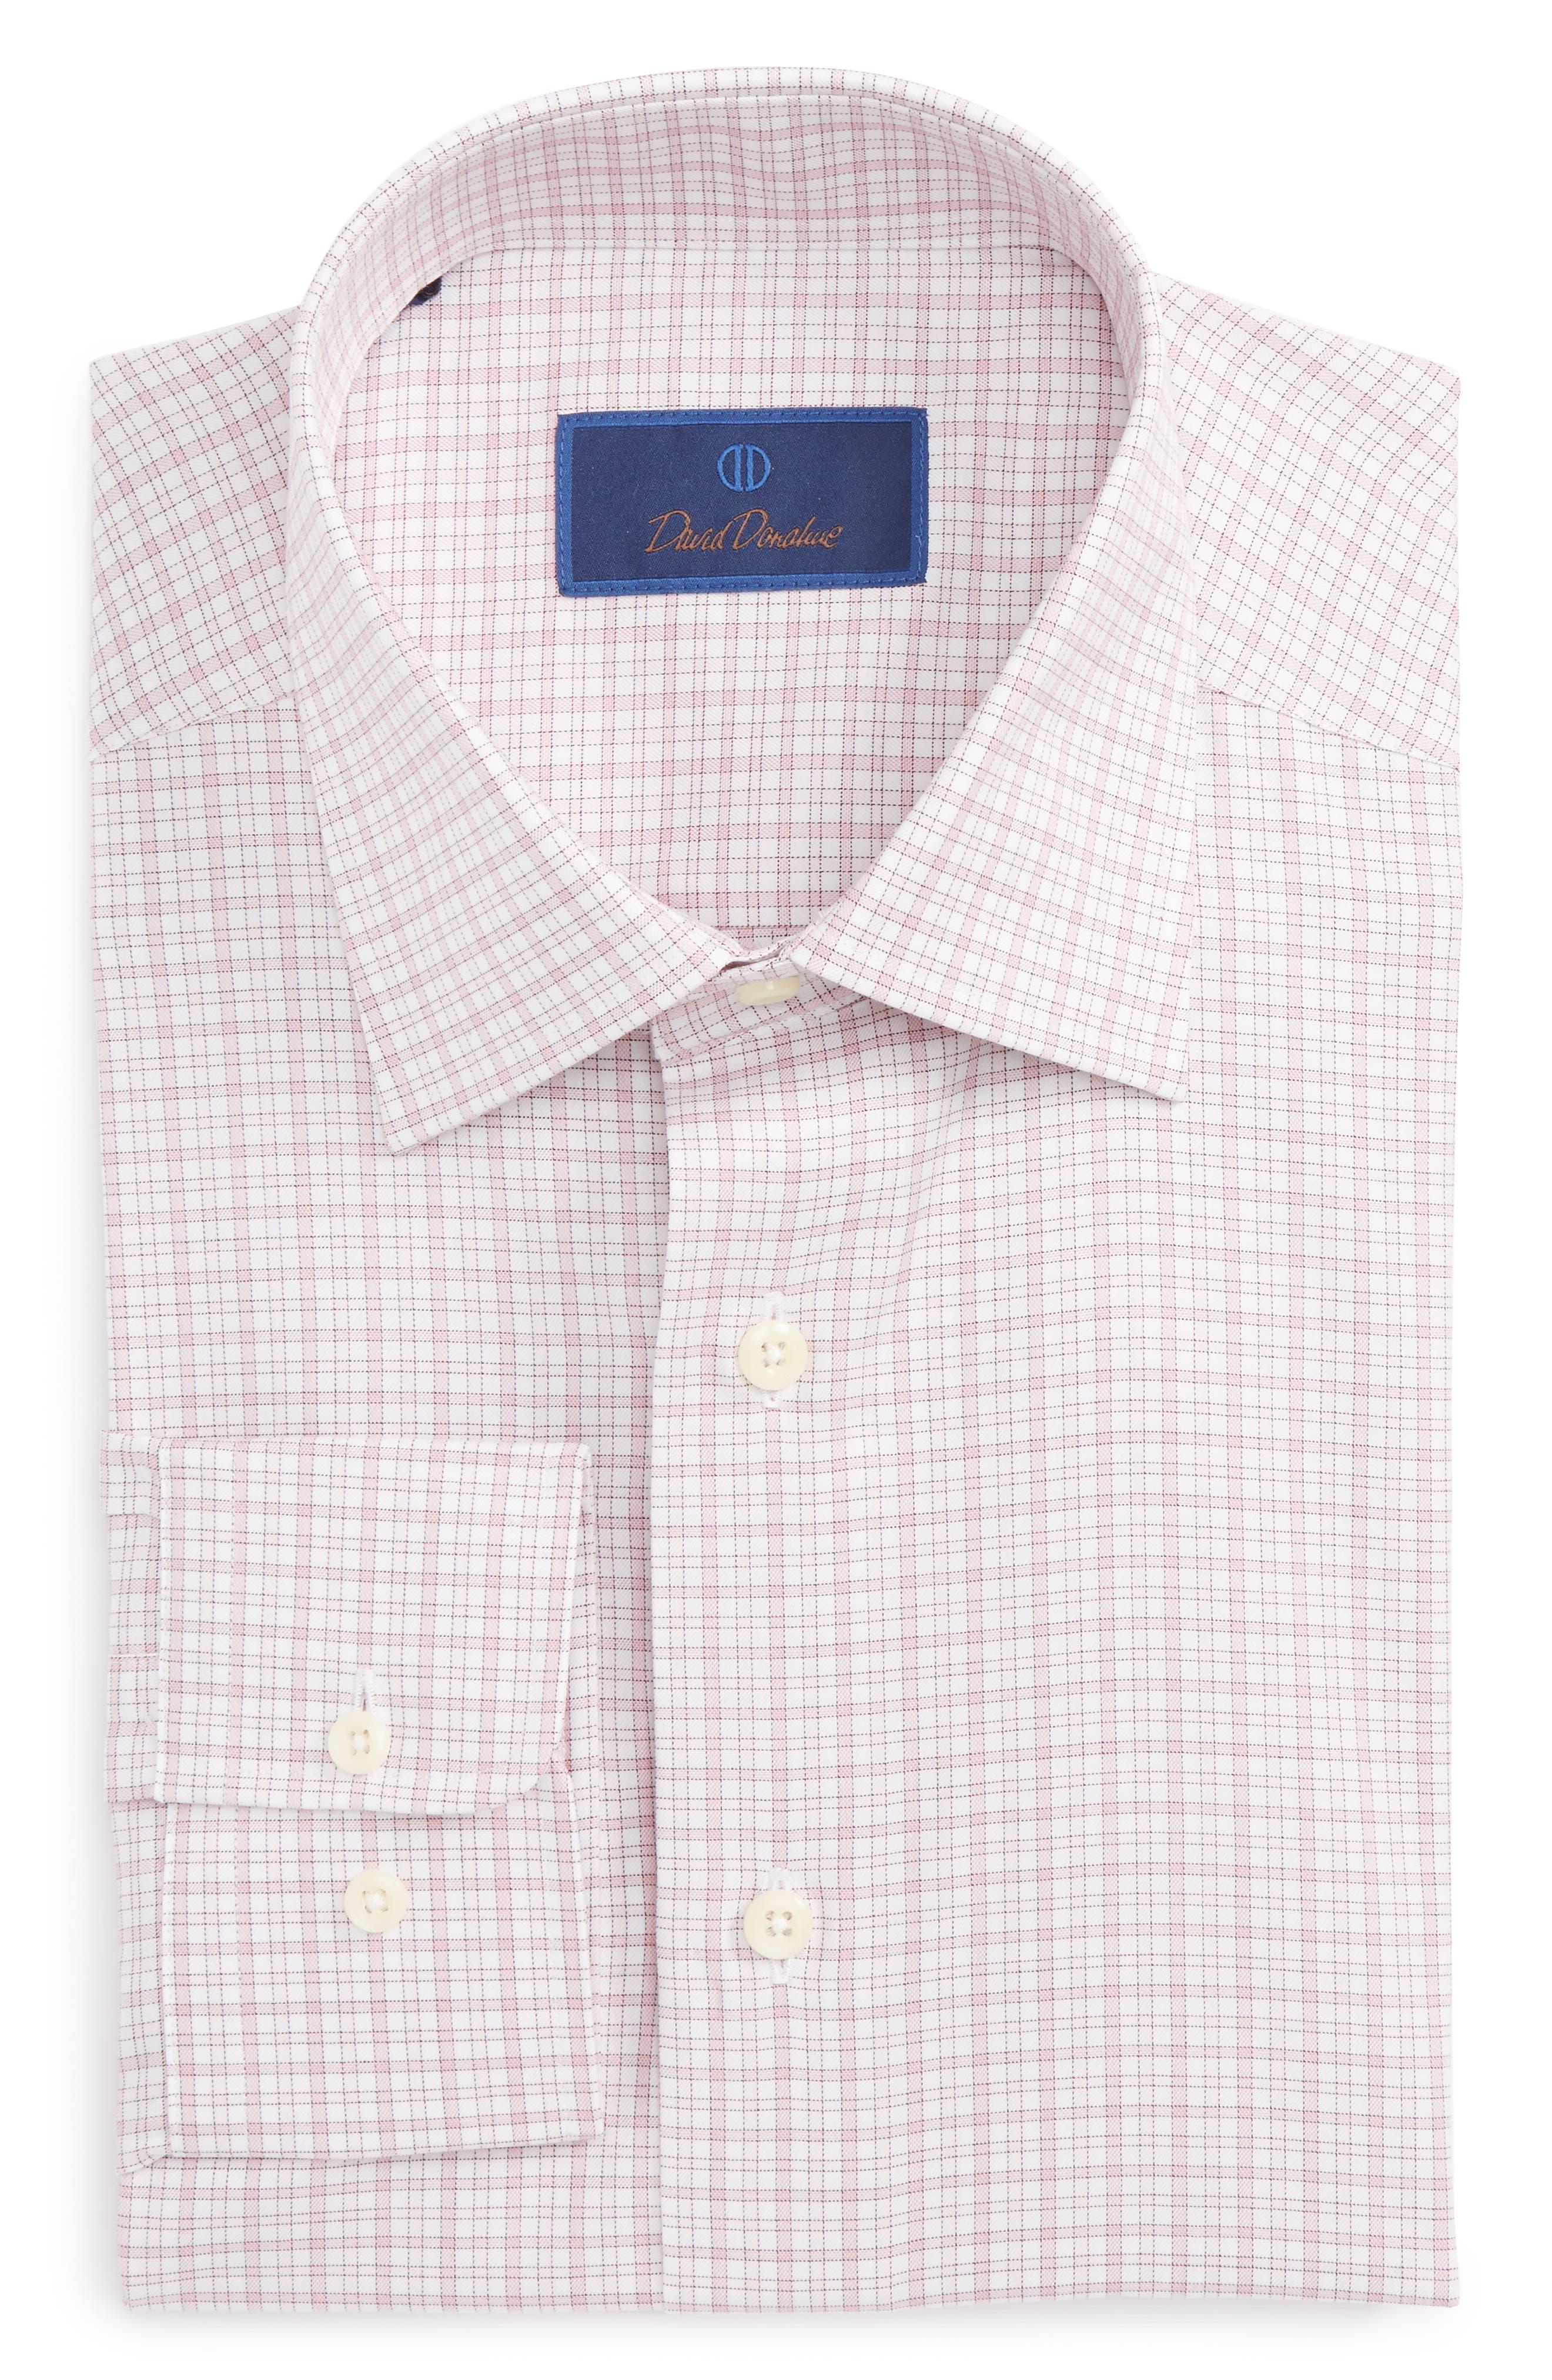 Regular Fit Check Dress Shirt,                             Main thumbnail 1, color,                             650